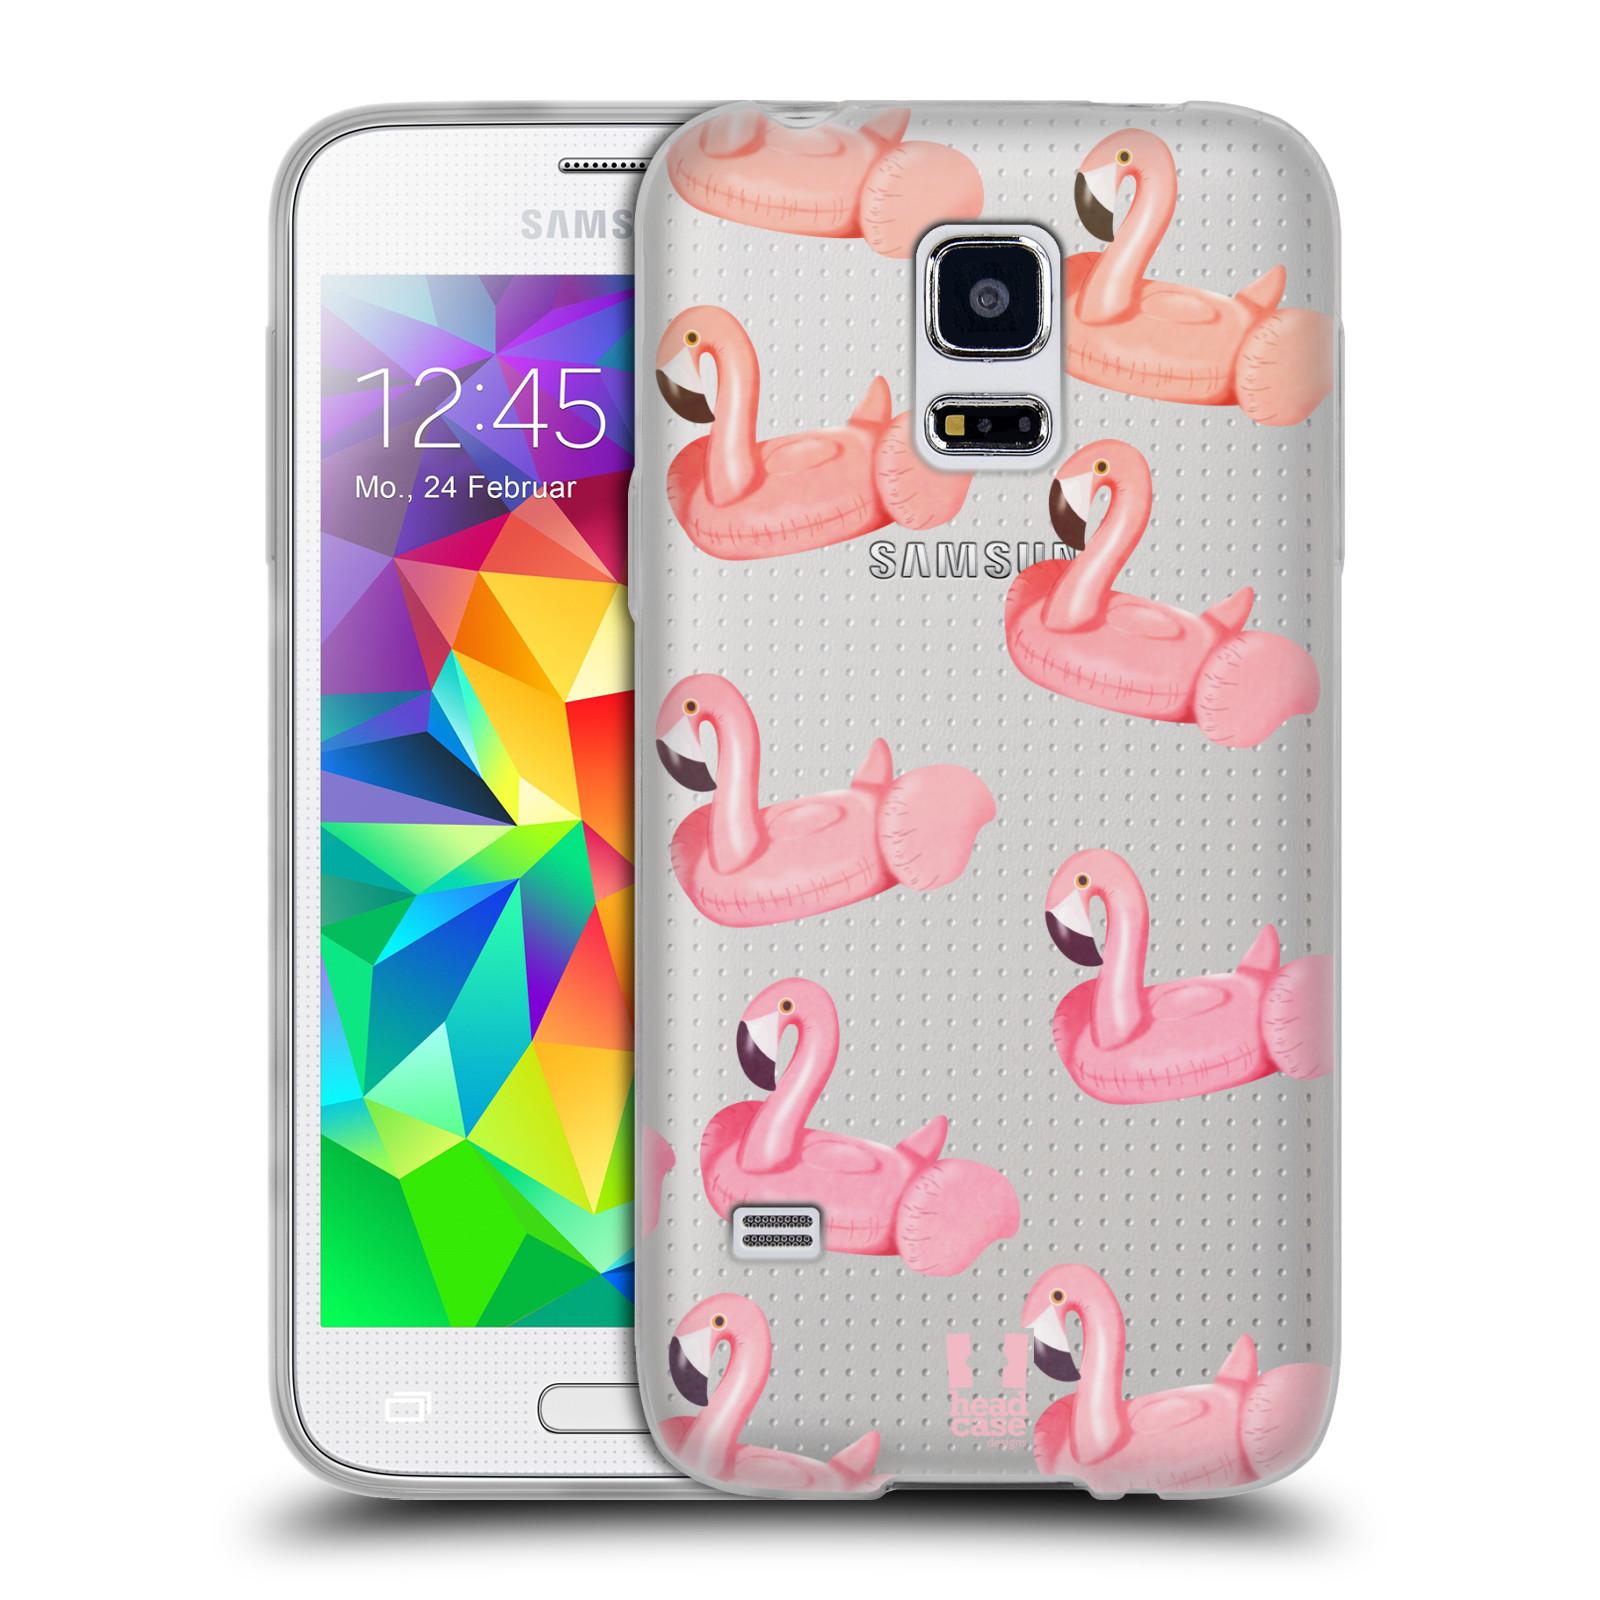 Silikonové pouzdro na mobil Samsung Galaxy S5 Mini - Head Case - Kruh plaměňák